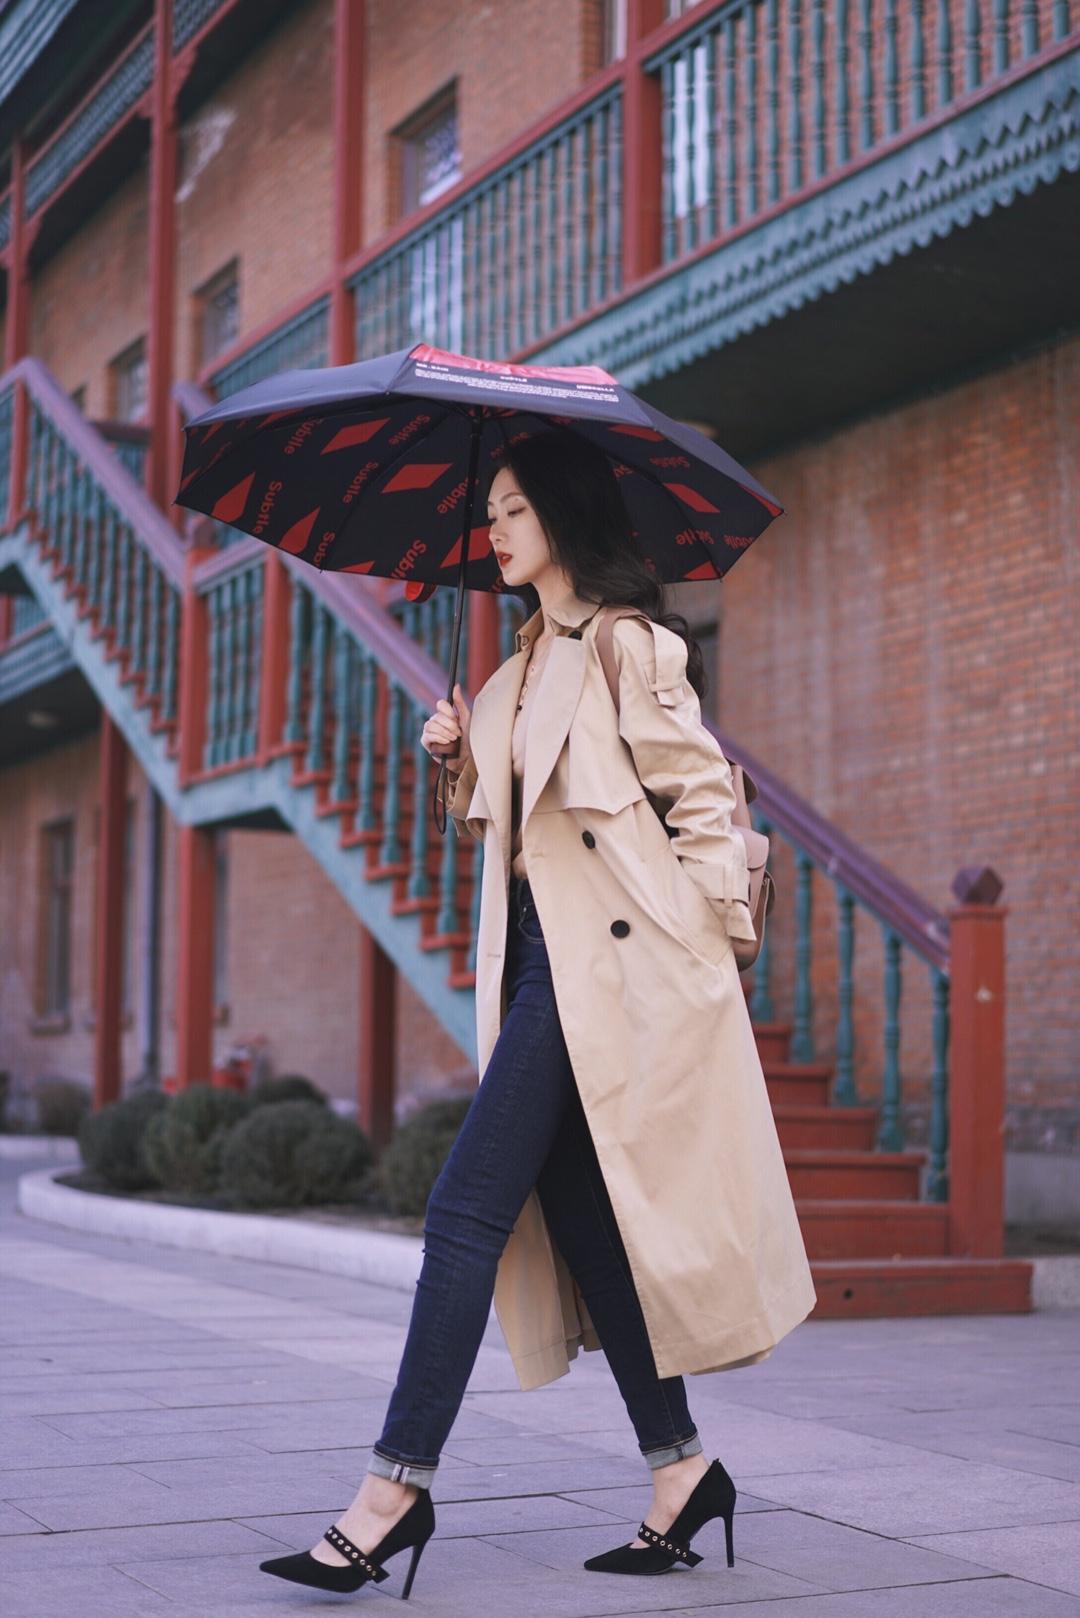 spdailylook | Day 129 风衣:ICY 裤子:ZUCCOS 鞋子:onesweek  【风衣雨伞装】 春雨季节一件经典长风衣绝对是实用又不出错的选择,刚经历过春分雨夹雪的我发现一把有型有设计感的晴雨伞不仅可以为我们遮风挡雨还能为穿搭增添一抹时髦感~  因为对防晒有要求 所以没有选择大家在拍照时会采用透明雨伞,而是选择了可以晴雨两用的黑底印花伞,伞篷内的字母印花同样可以满足上镜~和经典长风衣搭配气场超足 走路带风👌🏾 #五一小长假,出游穿搭看这里!#